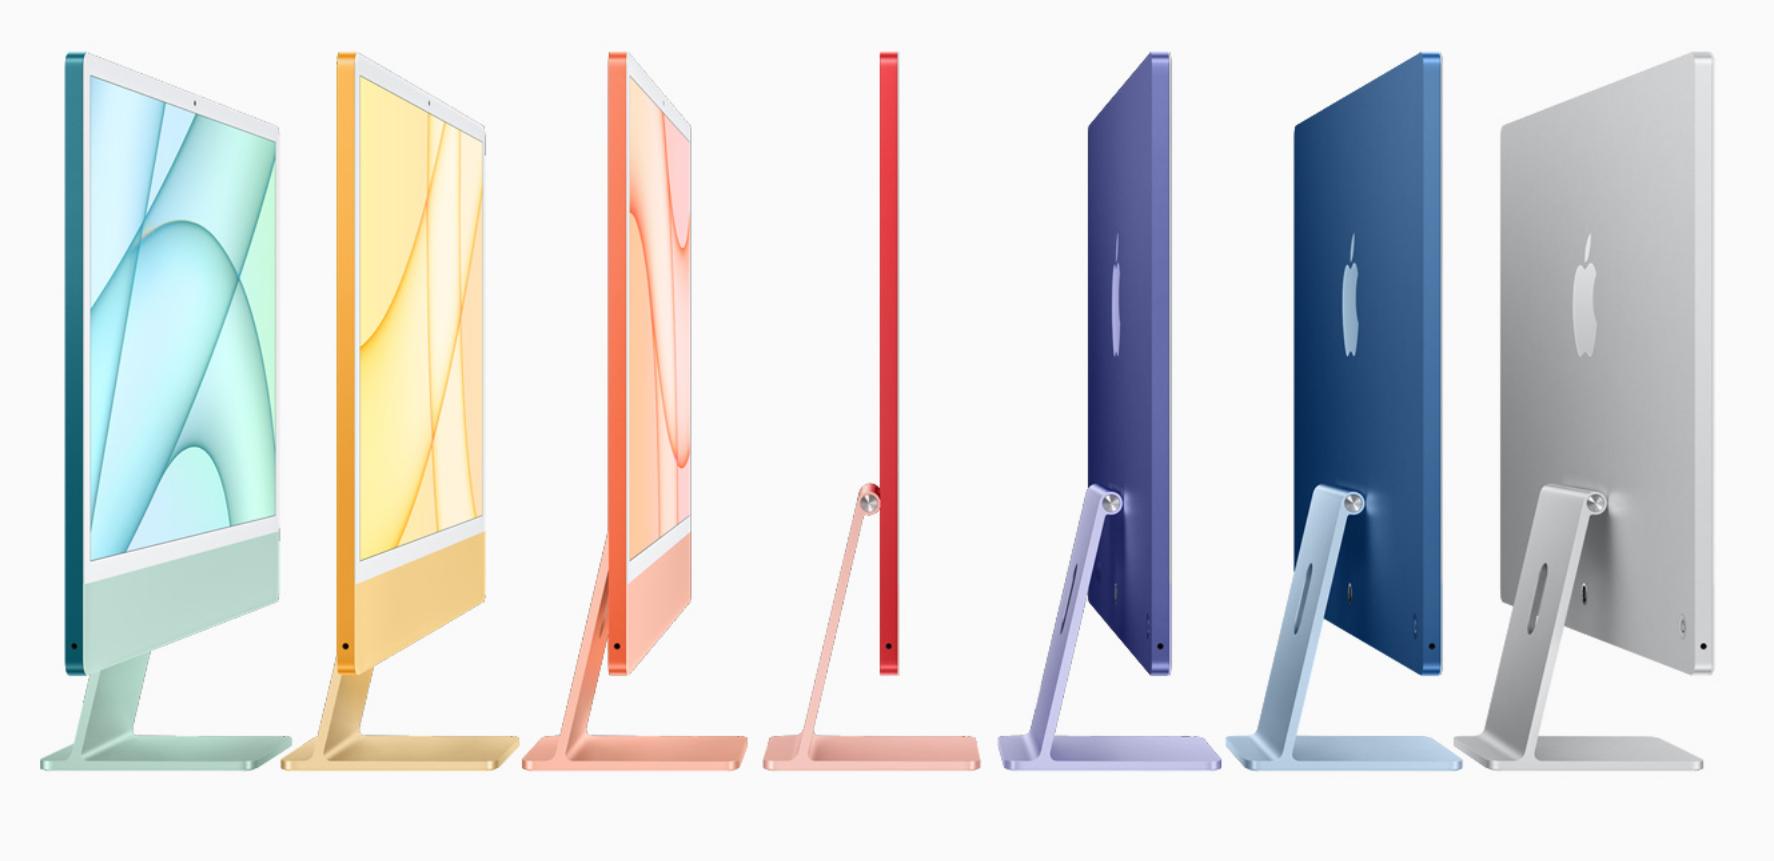 Next-Gen M2 Mac Book Air Models Look Sorta Familiar